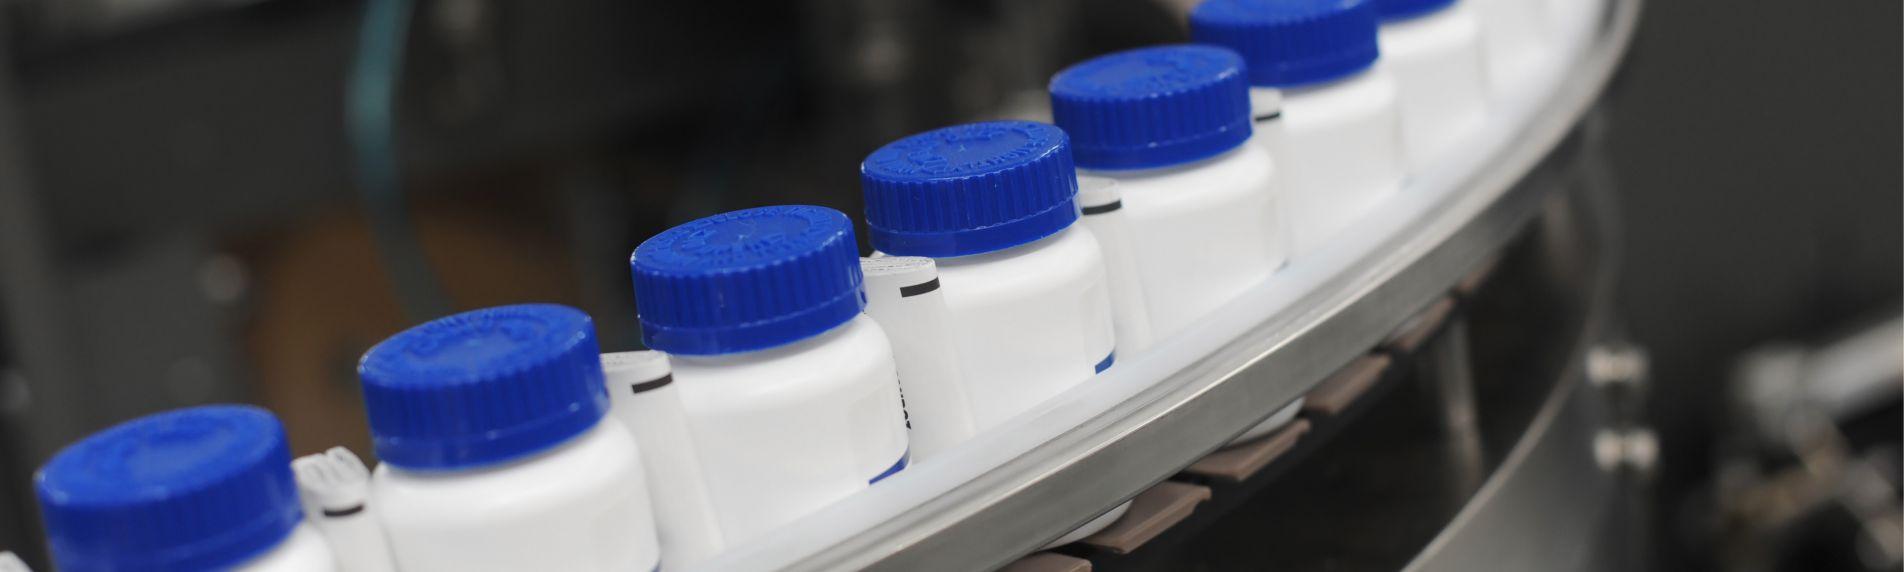 Prescription bottles on a factory line